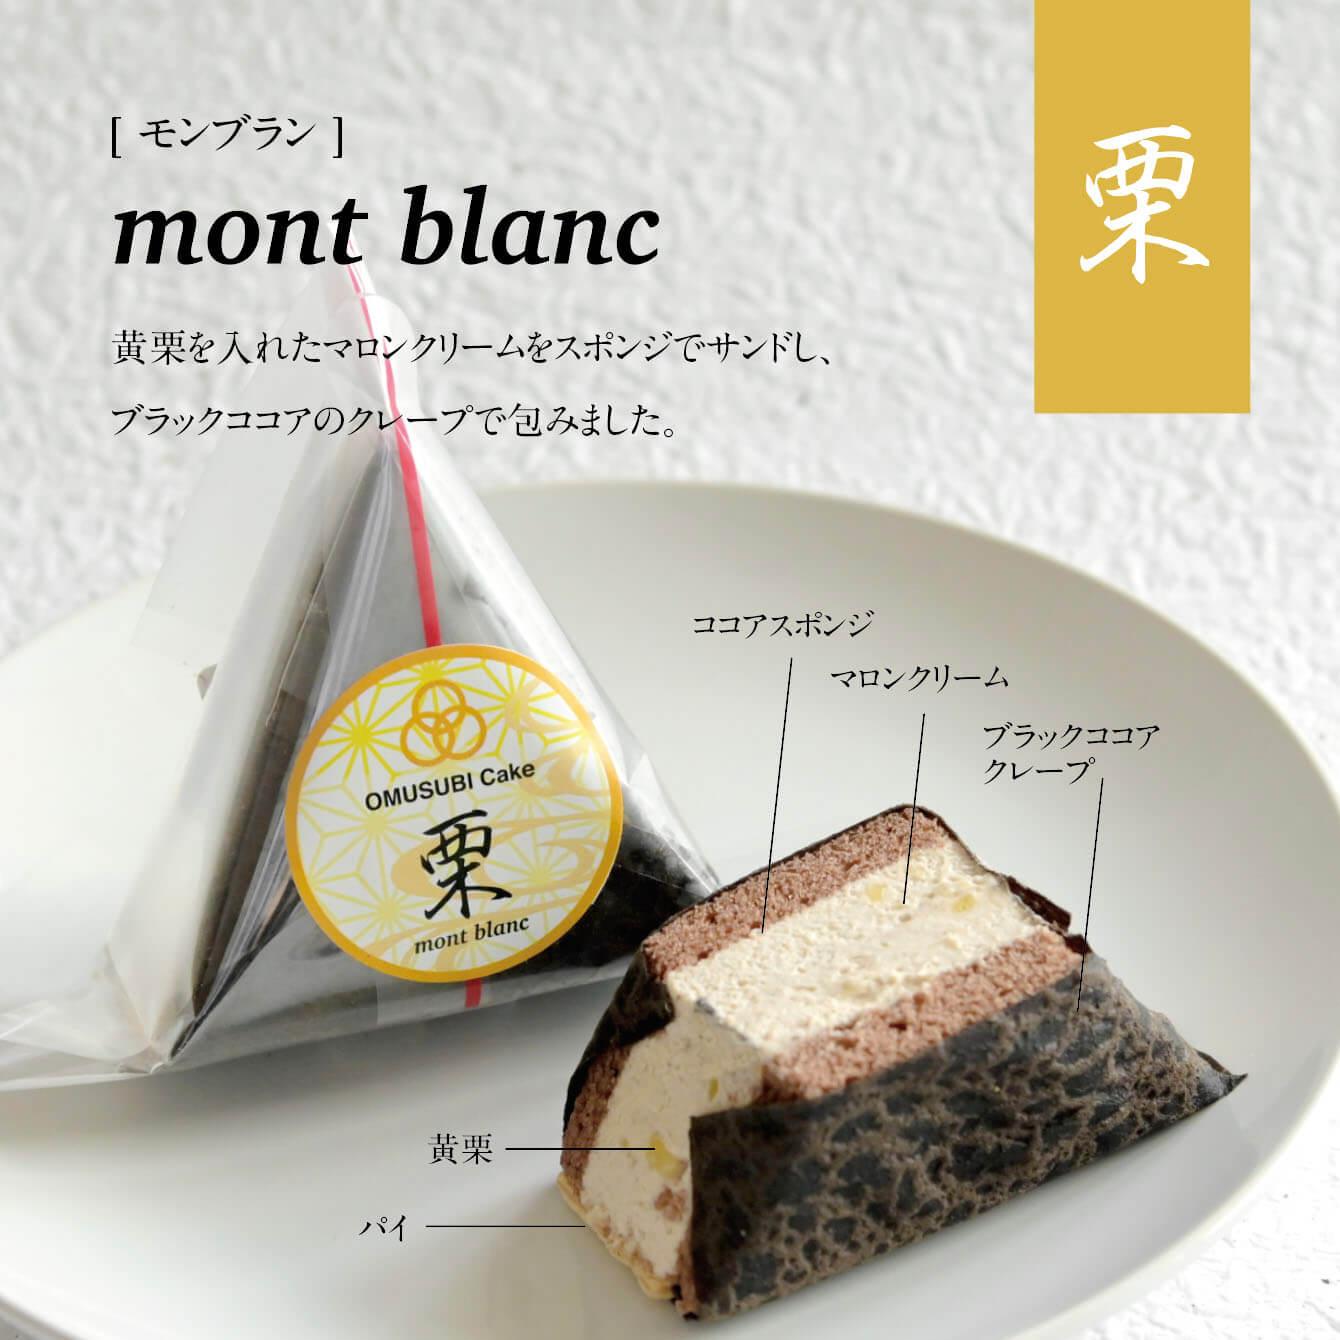 OSAKA OMUSUBI CakeのMont Blanc/¥450(税込み)